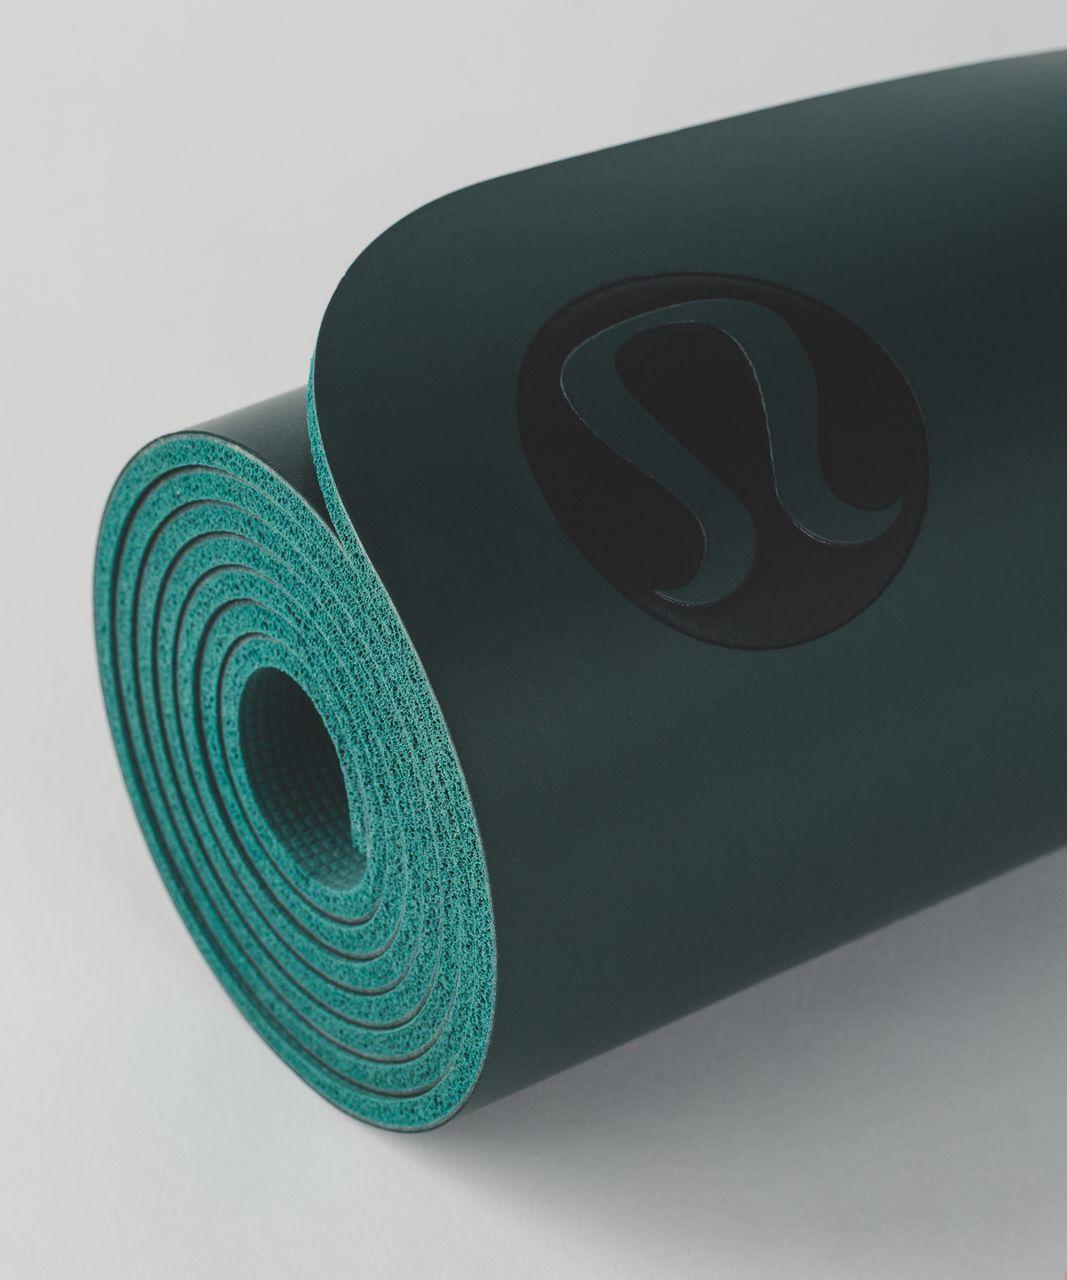 Lululemon The Reversible Mat 5mm - Deep Green / Hunter Green - lulu fanatics